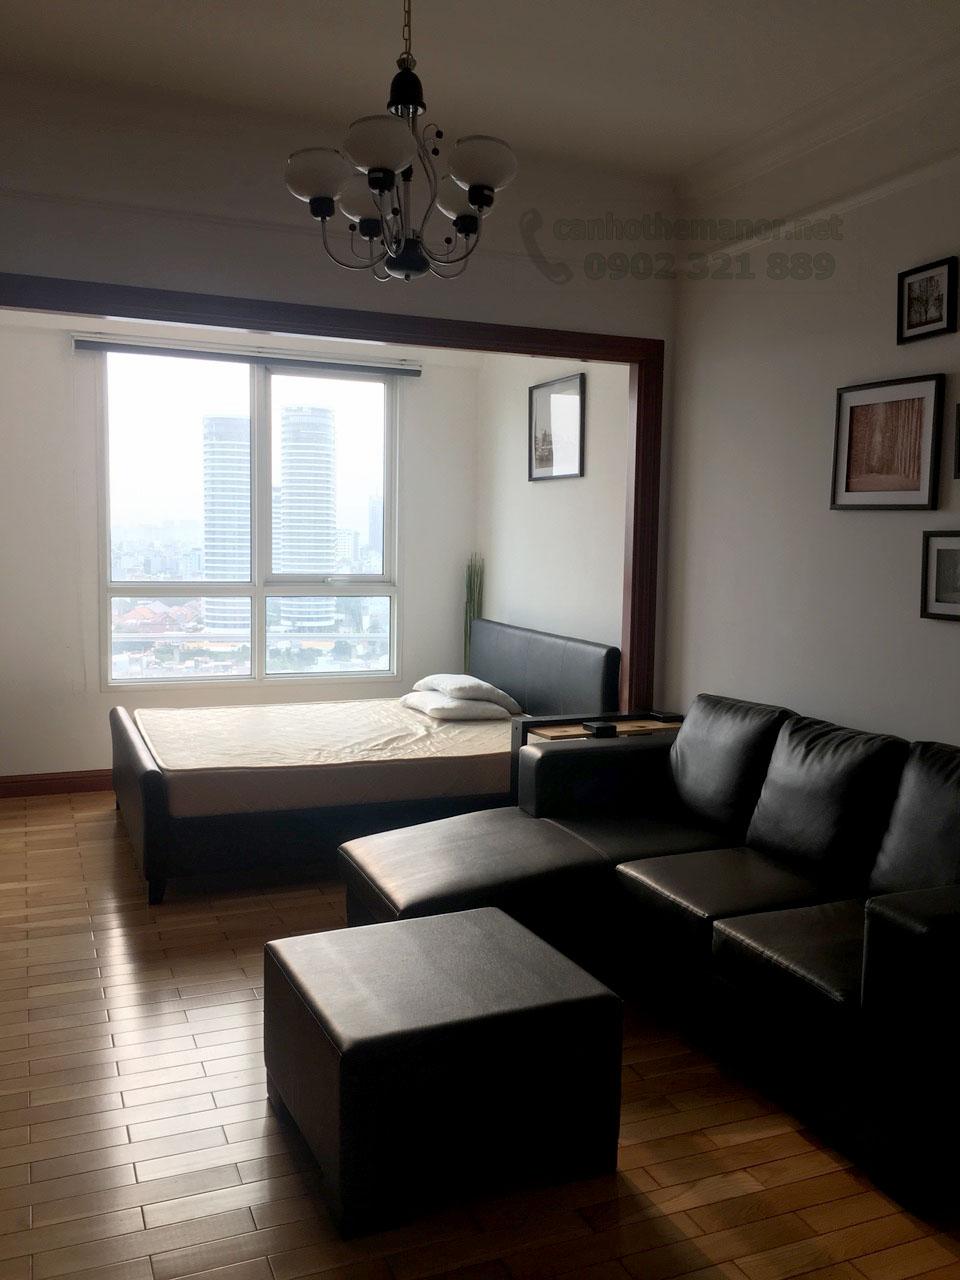 Giường ngủ cạnh cửa kính lớn của căn hộ The Manor - đường Nguyễn Hữu Cảnh quận Bình Thạnh.